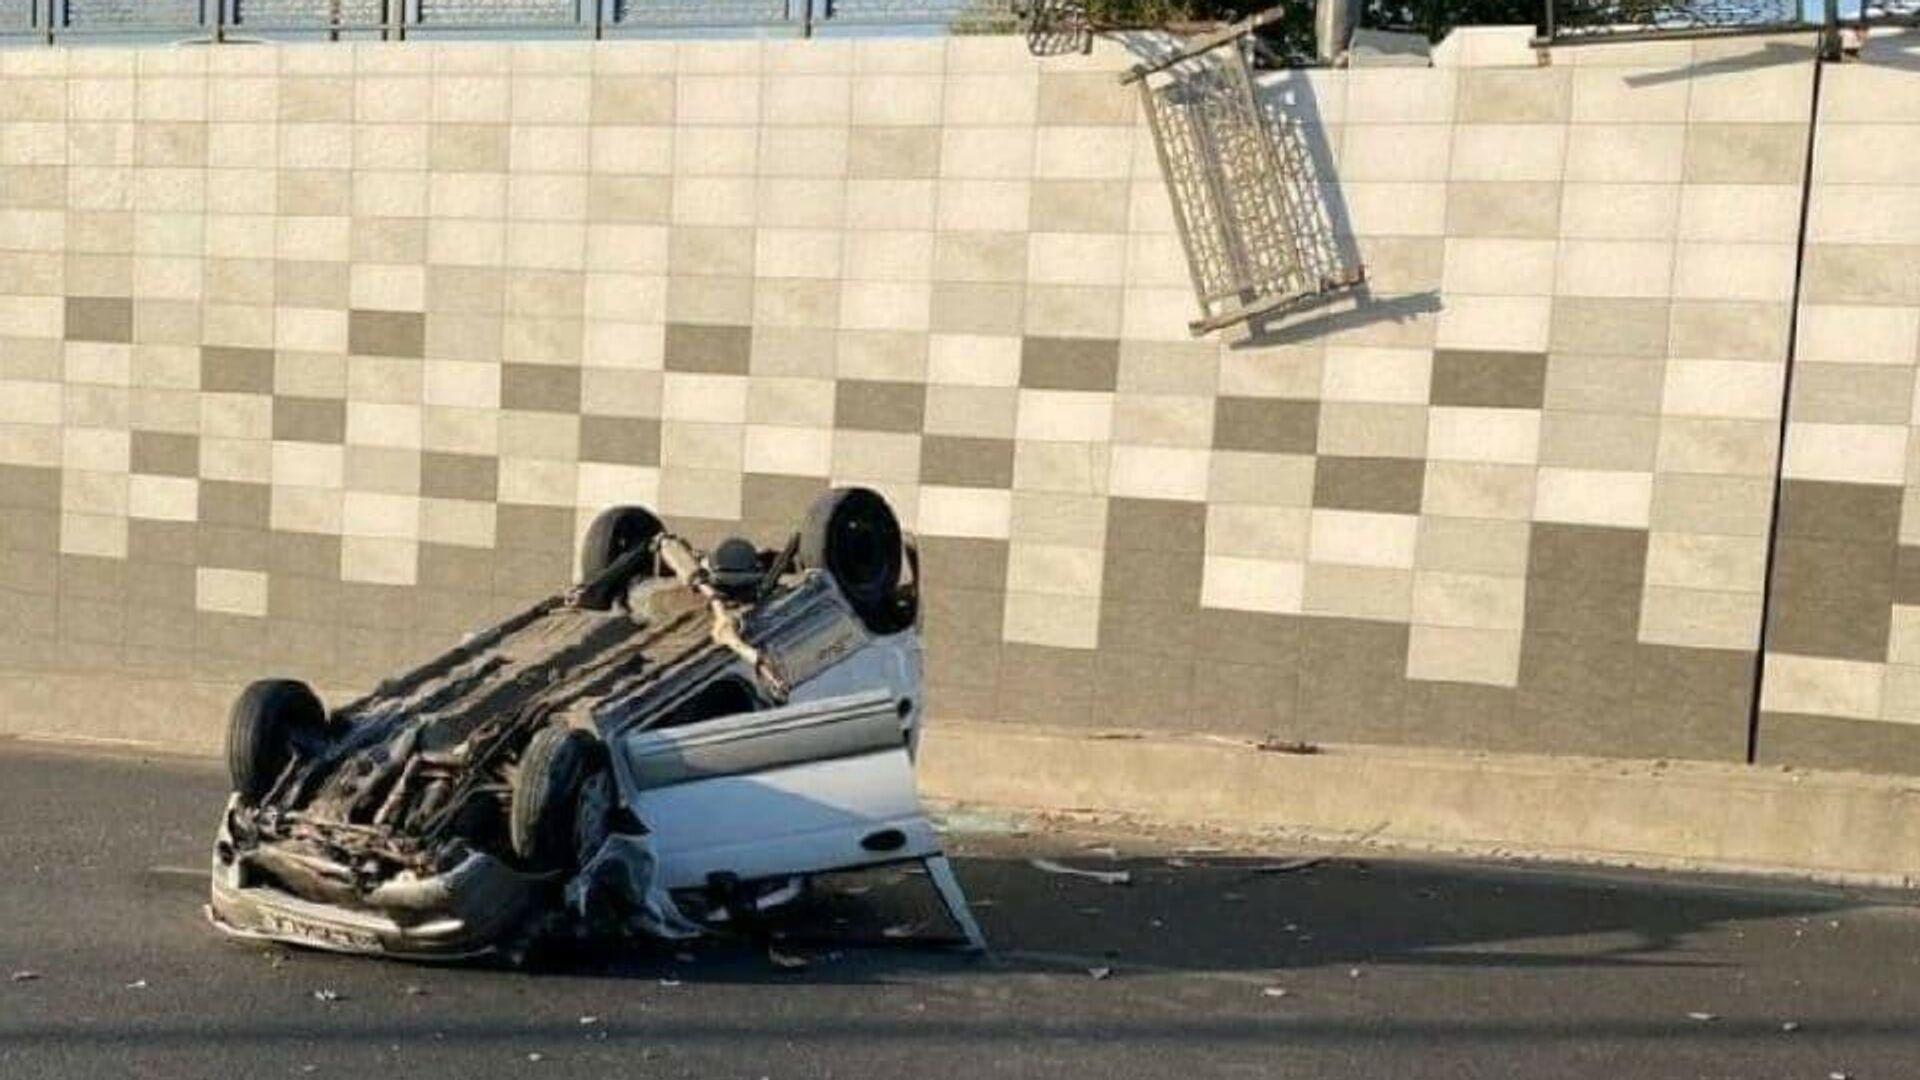 ДТП в Ташкенте: Matiz протаранил ограждение и упал с моста — видео - Sputnik Узбекистан, 1920, 05.07.2021